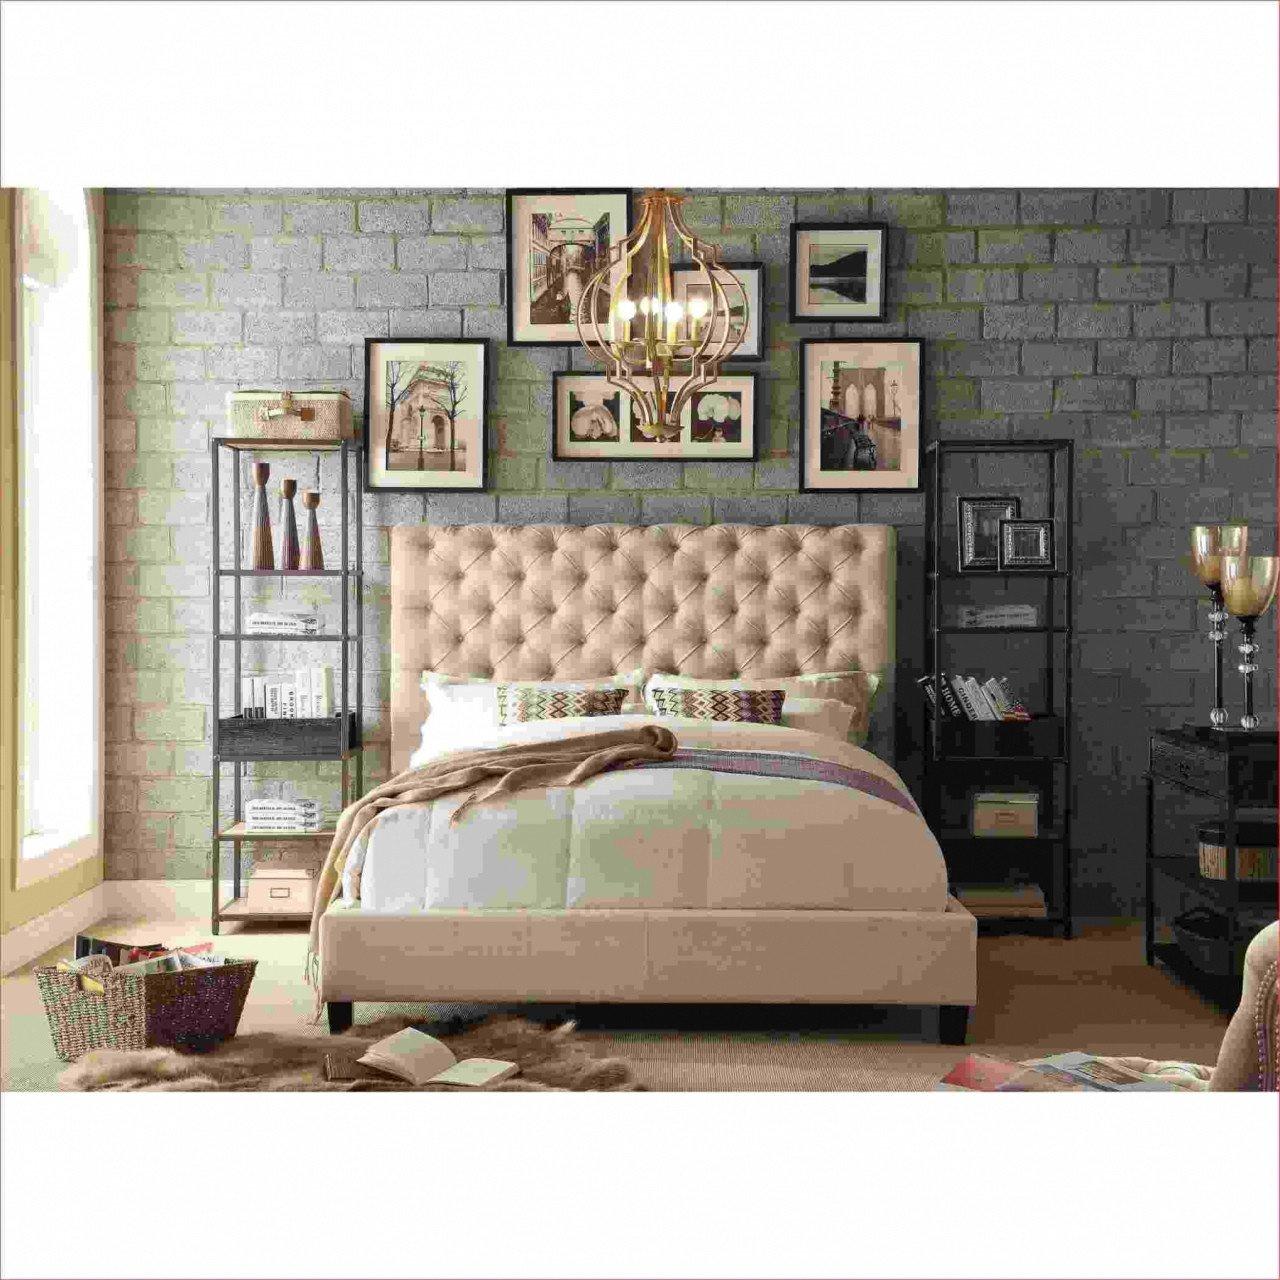 Affordable King Bedroom Set Unique solid Wood Bedroom Furniture — Procura Home Blog